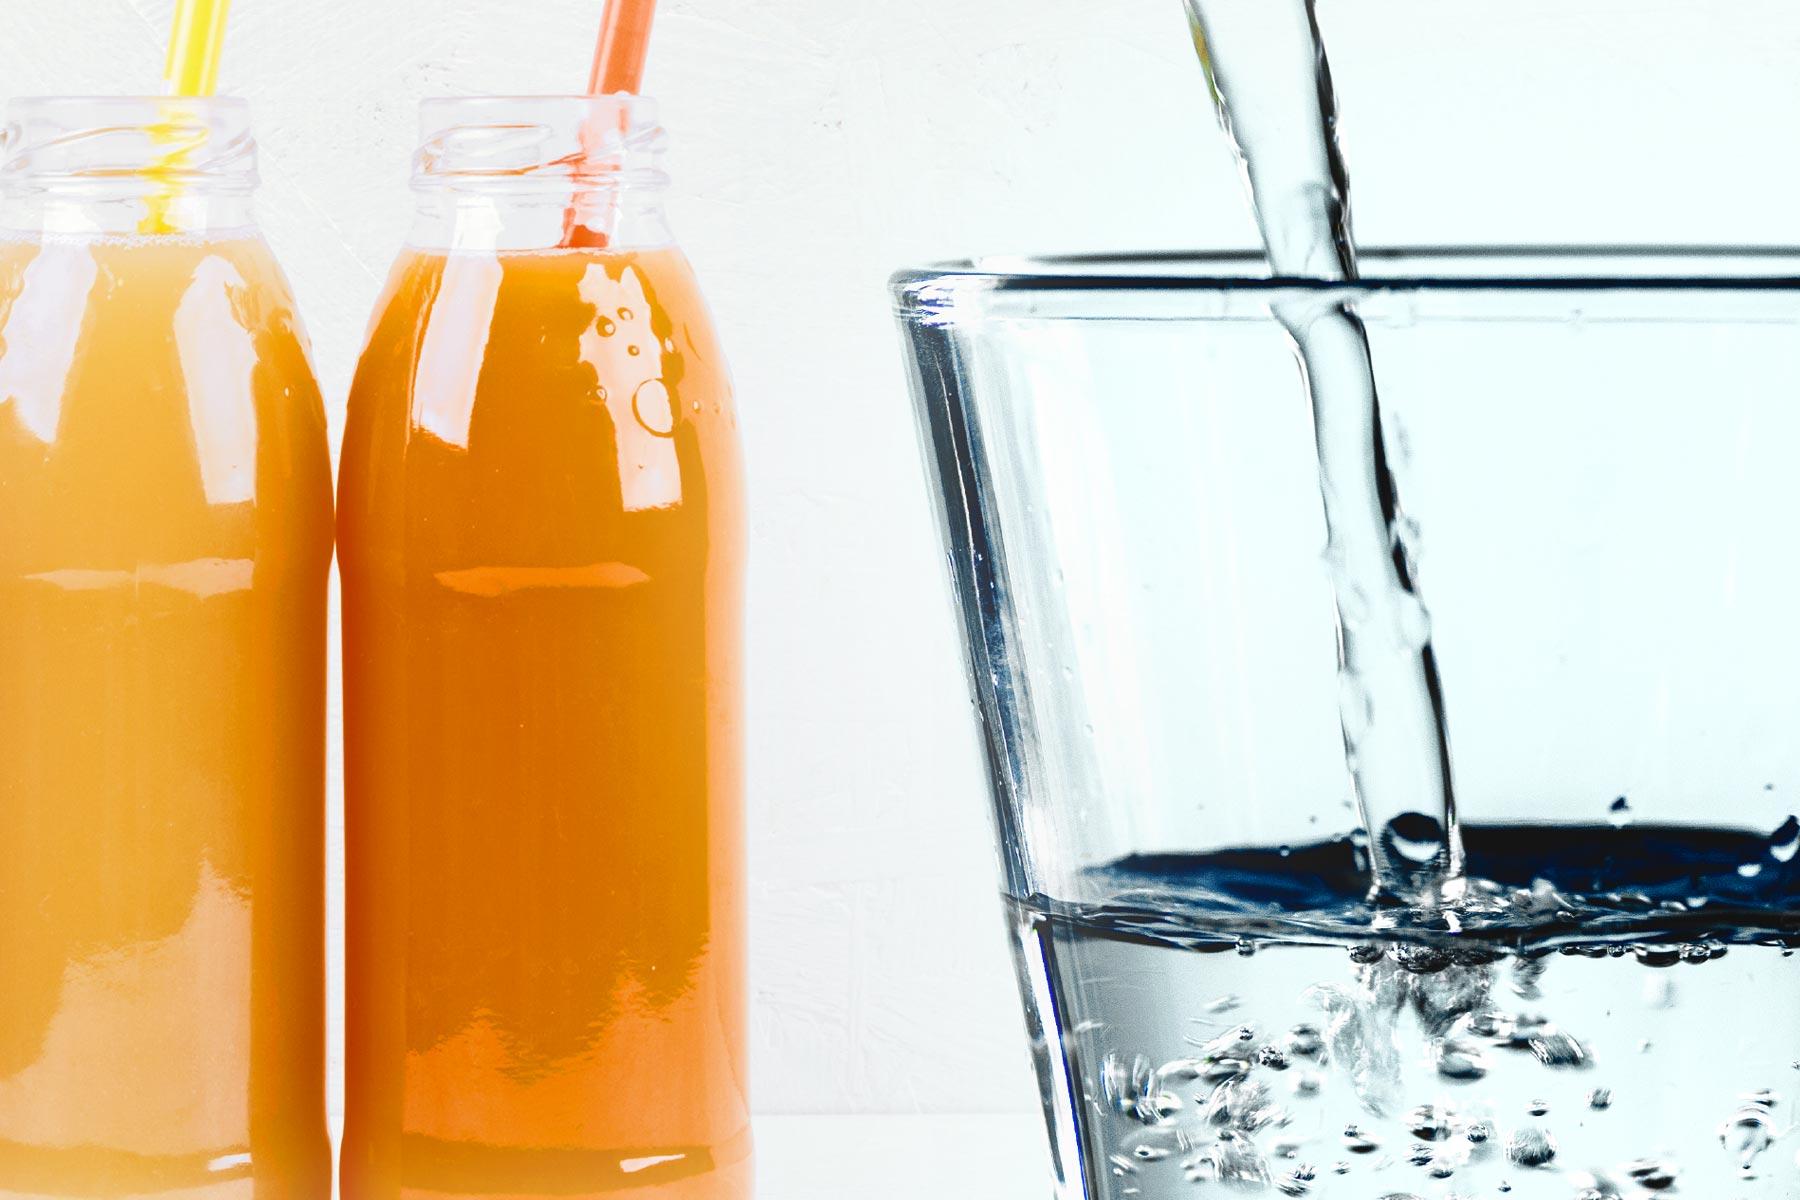 Alitest Test acqua succhi bevande